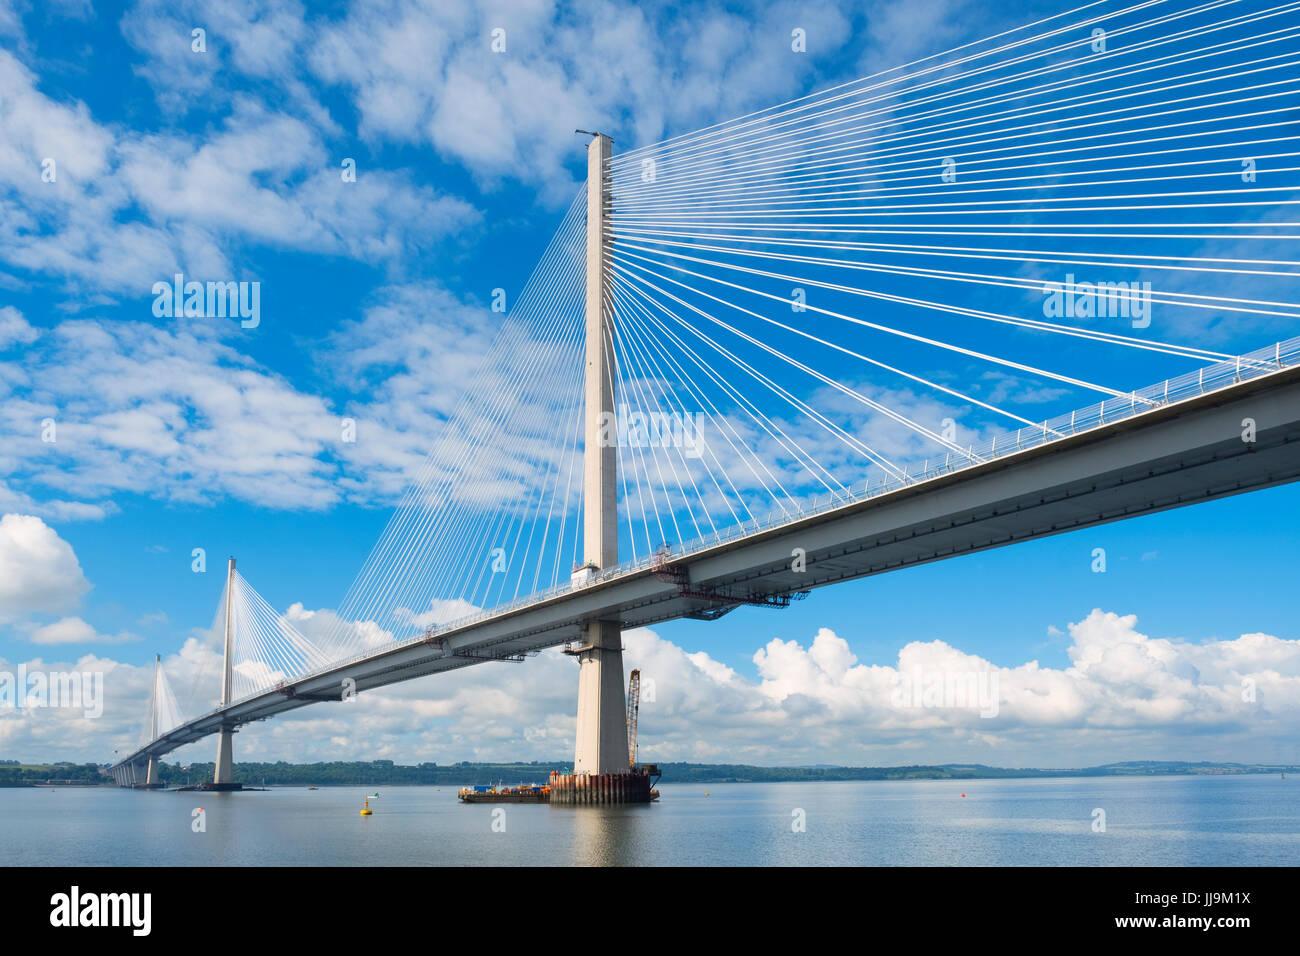 Vista del nuevo puente de cruce de Queensferry Río Forth en Escocia, Reino Unido Imagen De Stock